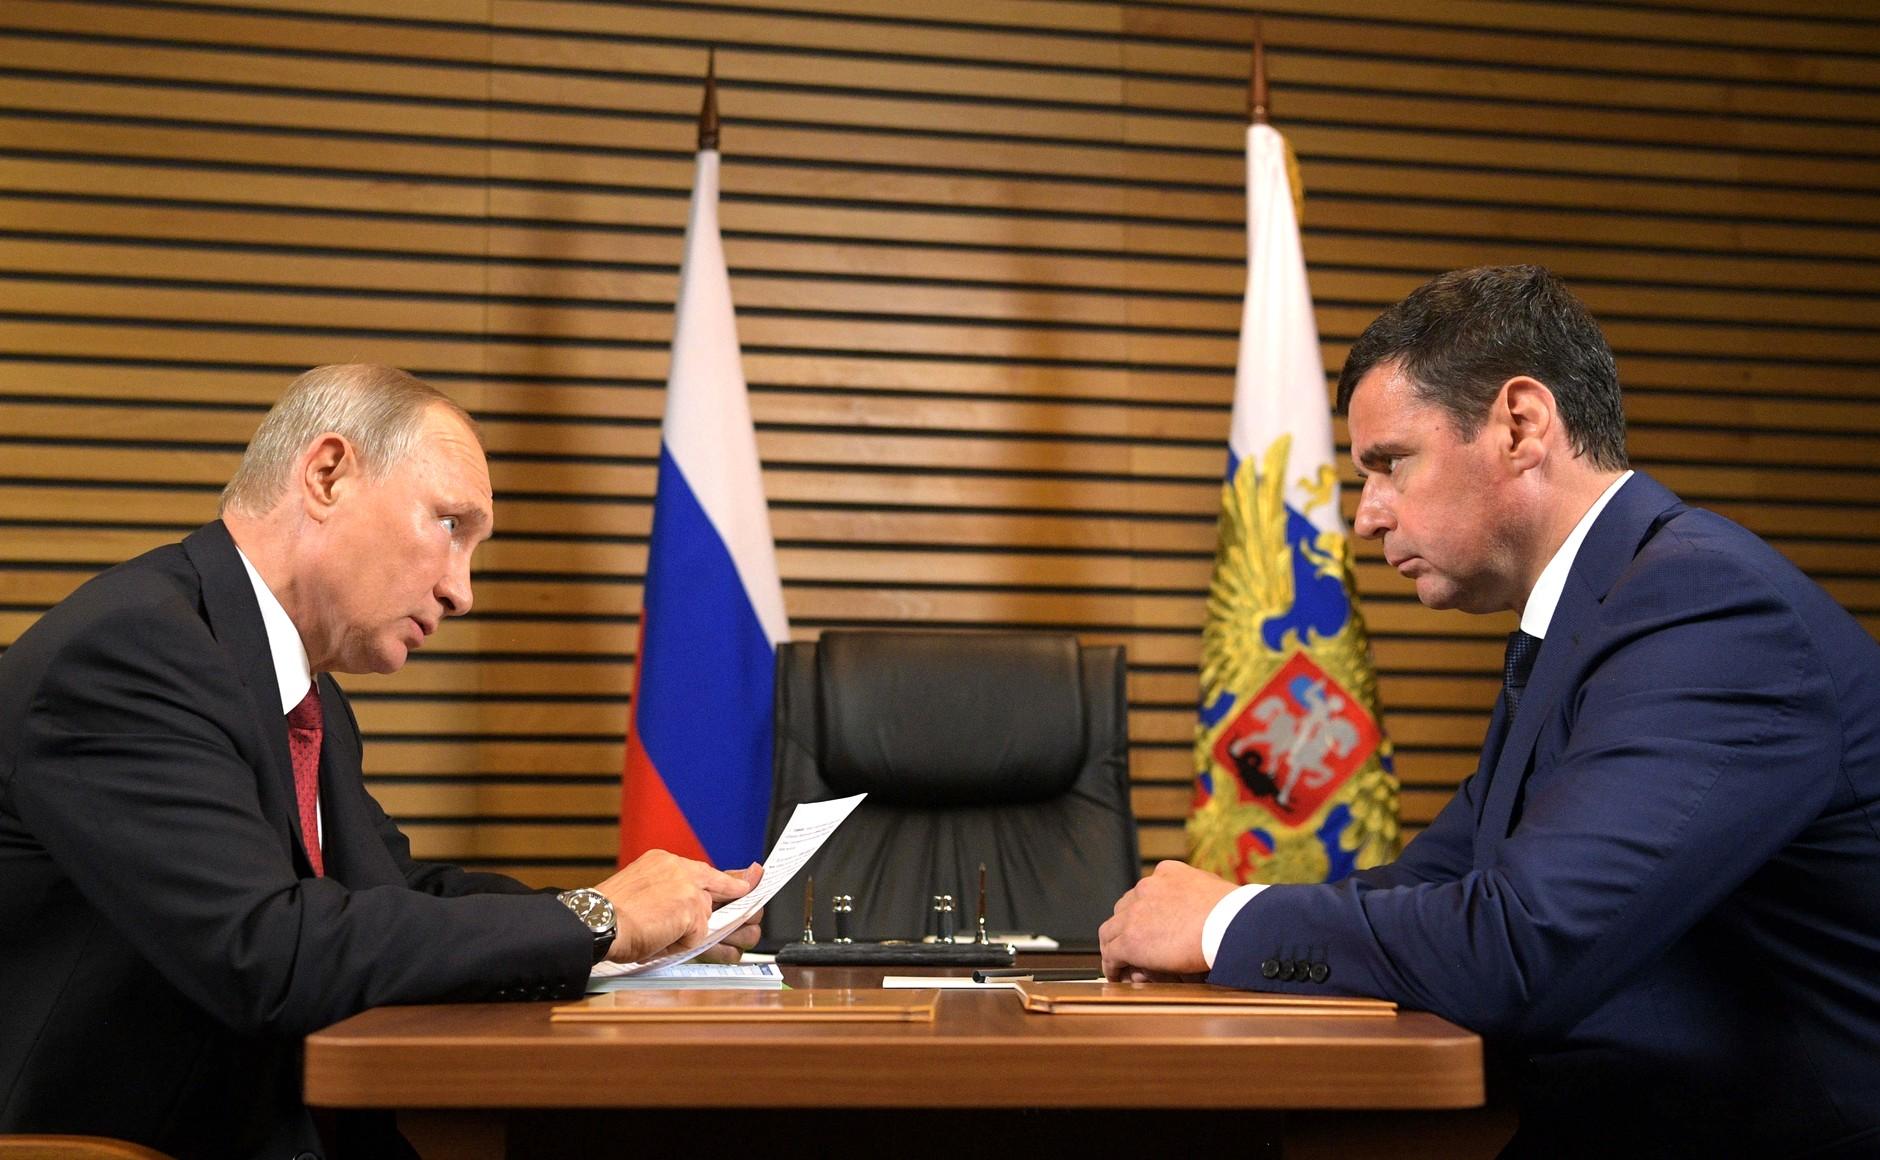 Владимир Путин в Ярославле: главные итоги визита